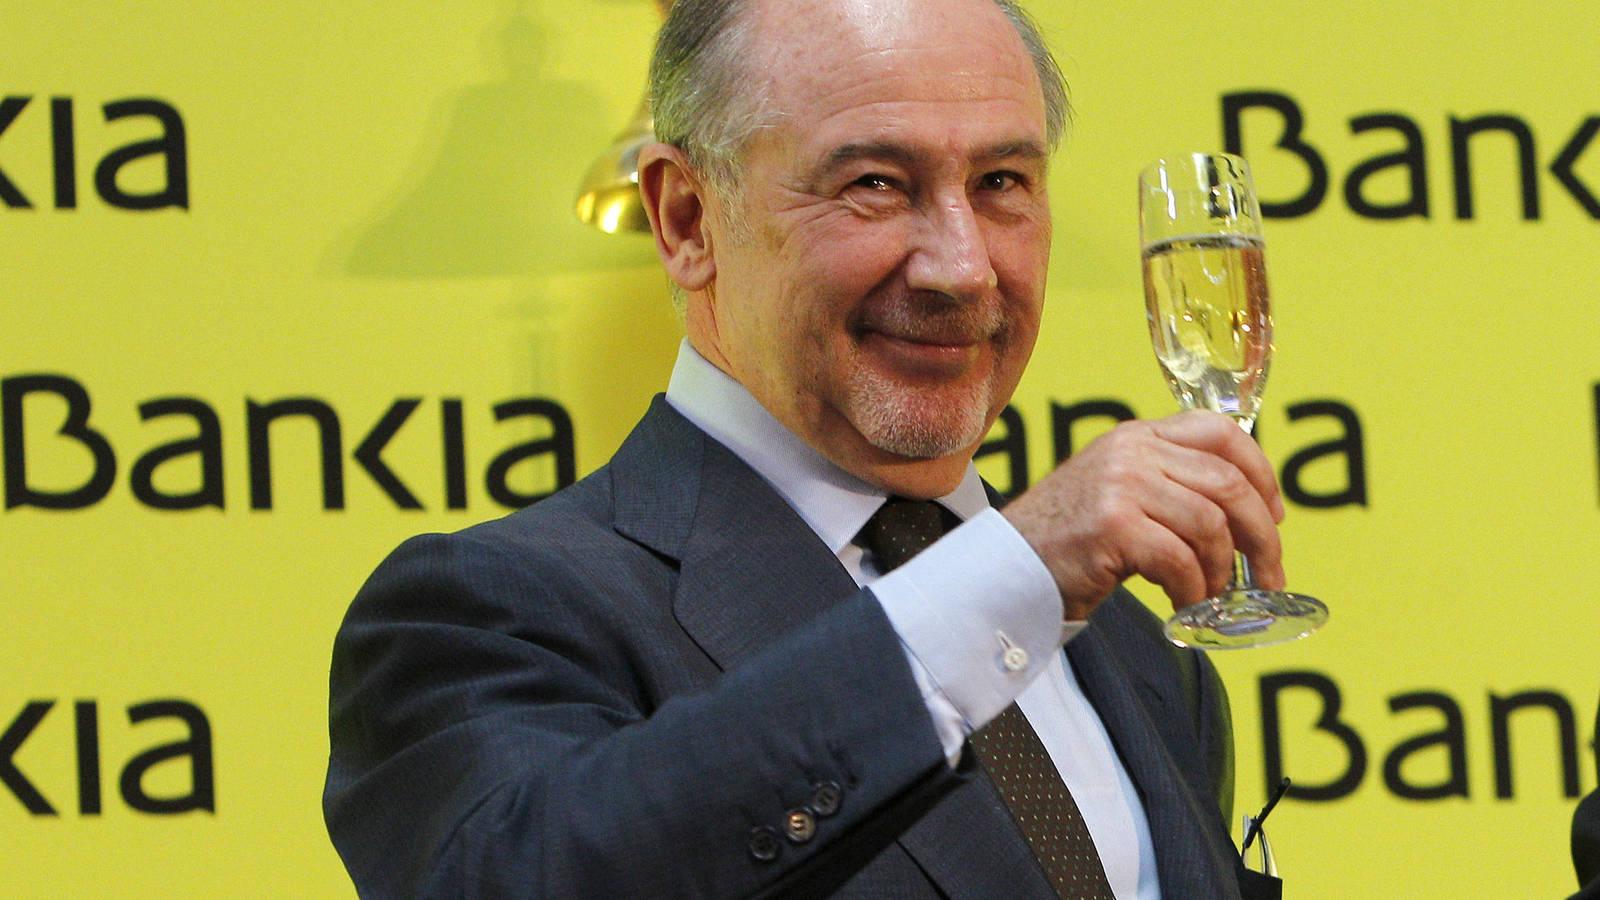 Rodrigo Rato, en la salida a bolsa de Bankia en julio de 2011. EFE